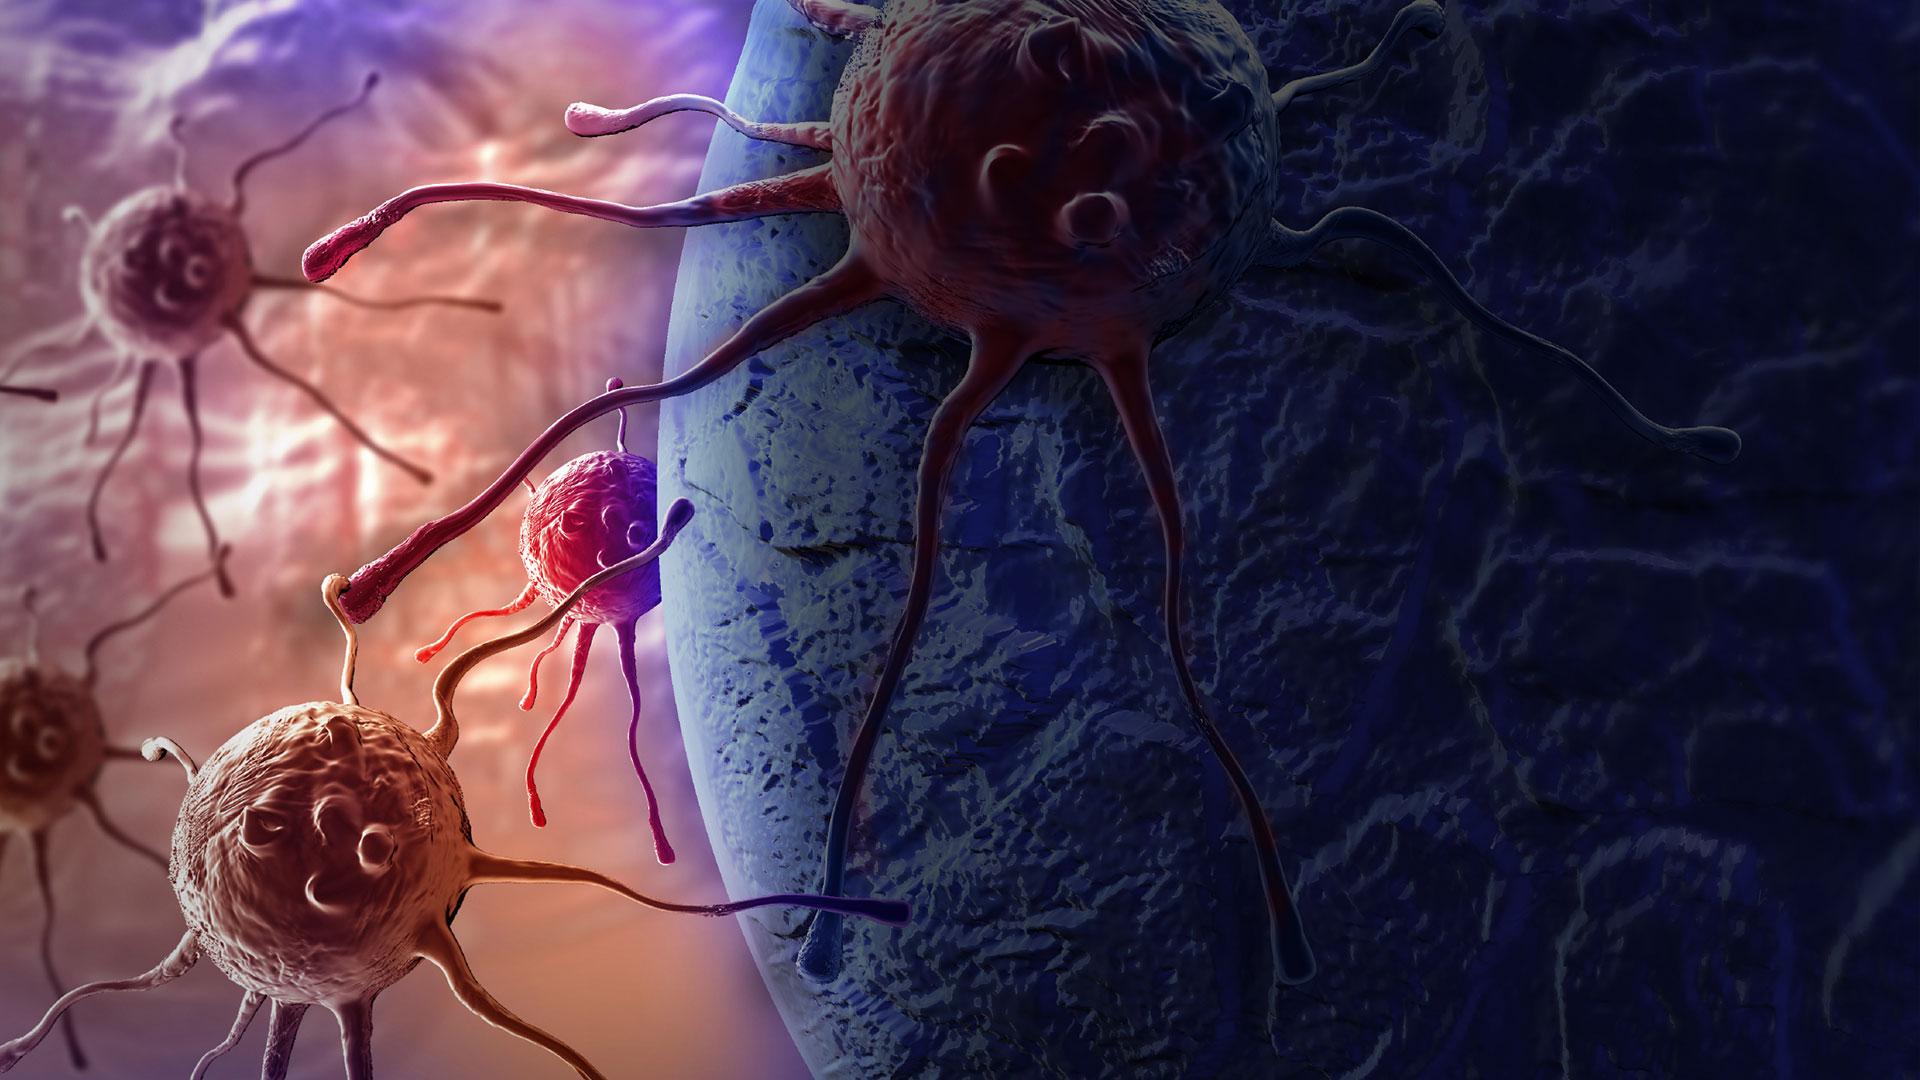 بیش از 200 گروه و زیرگروه سرطان وجود دارد